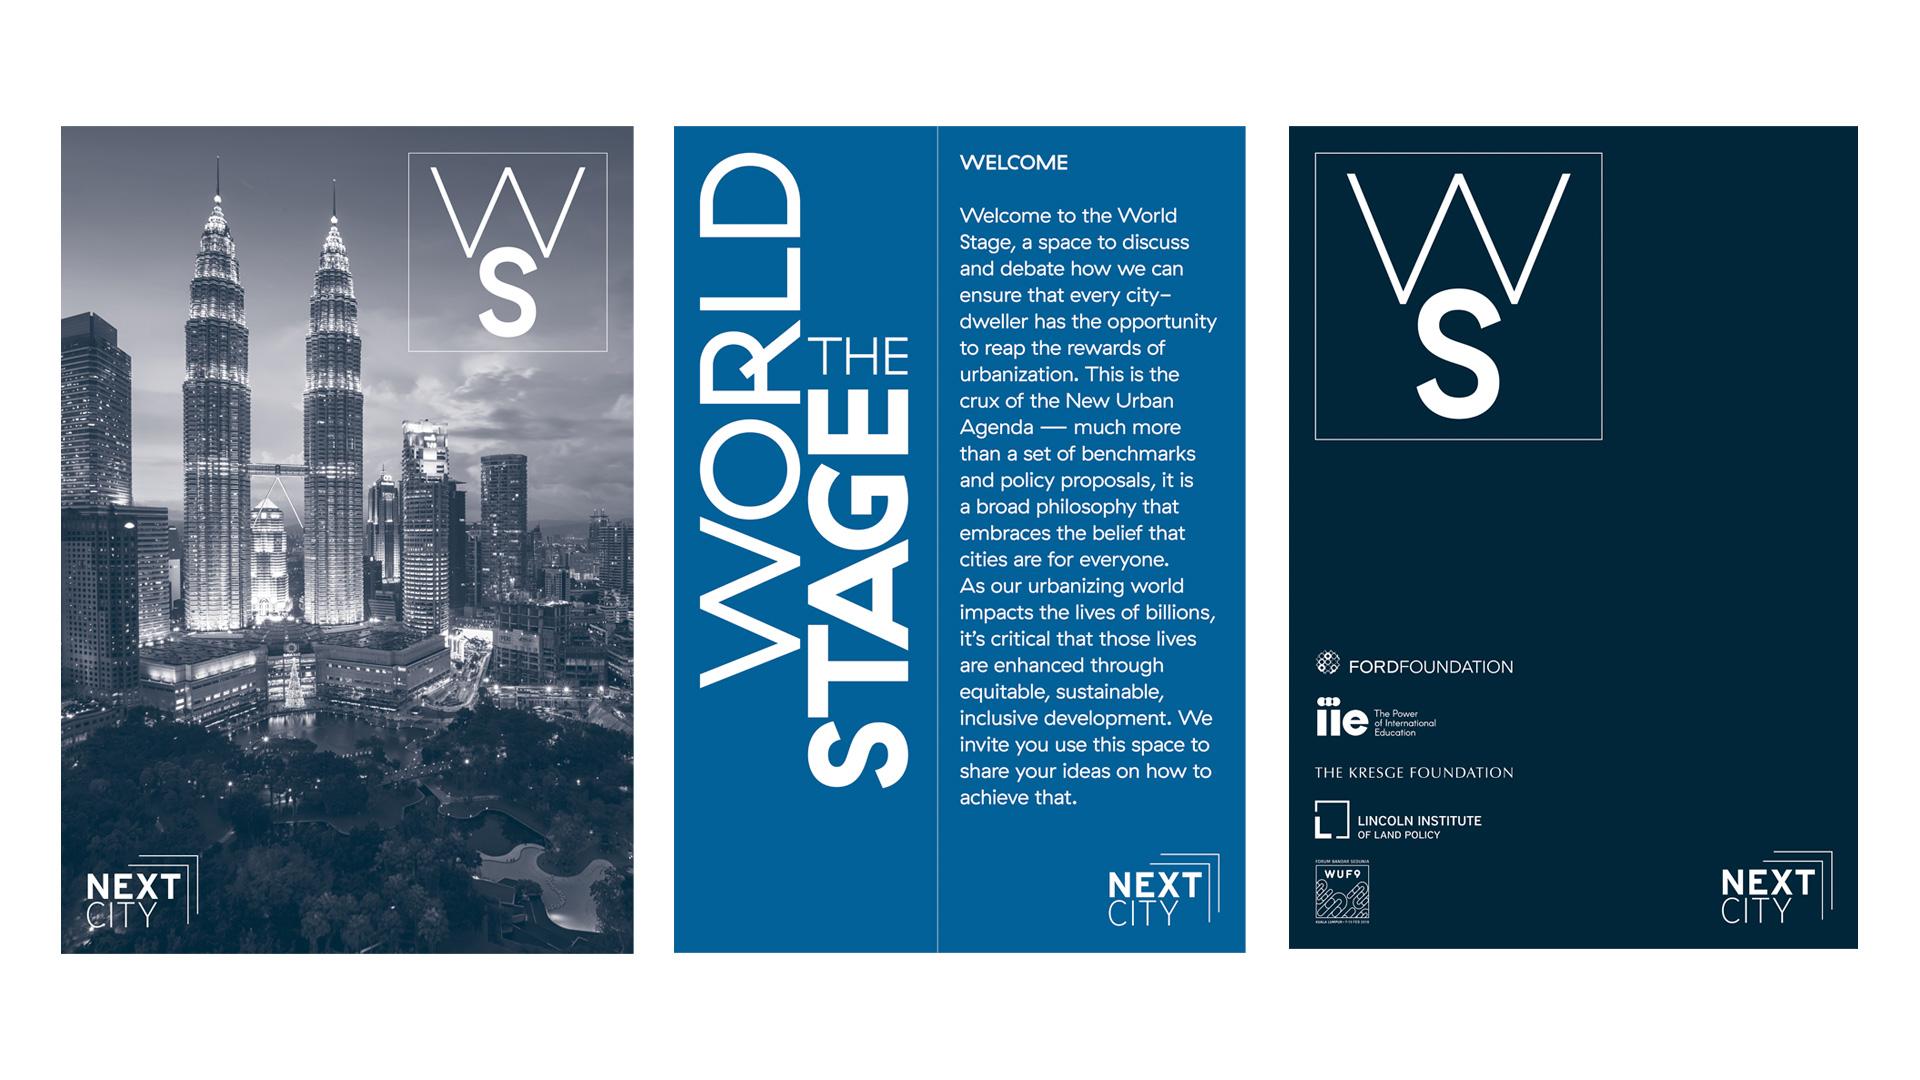 studio_anthony_smyrski_worldstage_05